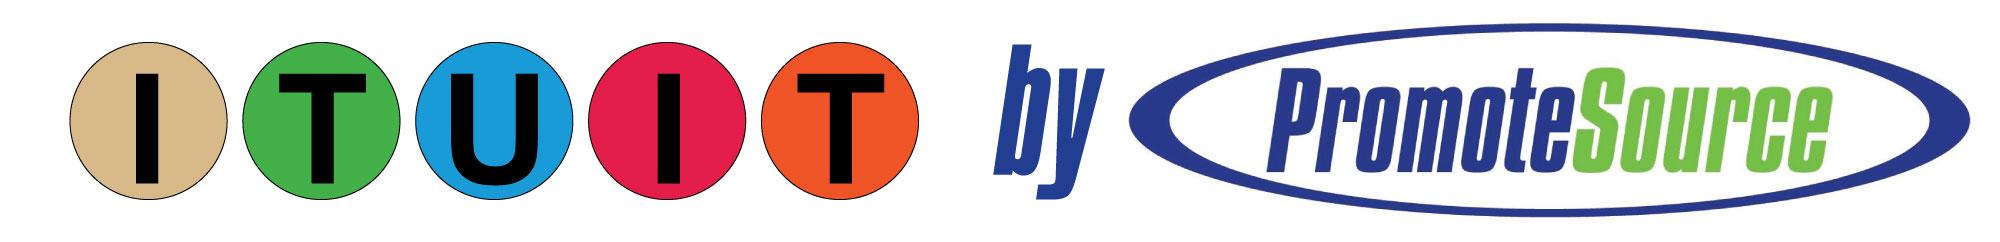 ituit-website-logo-ps-1.jpg